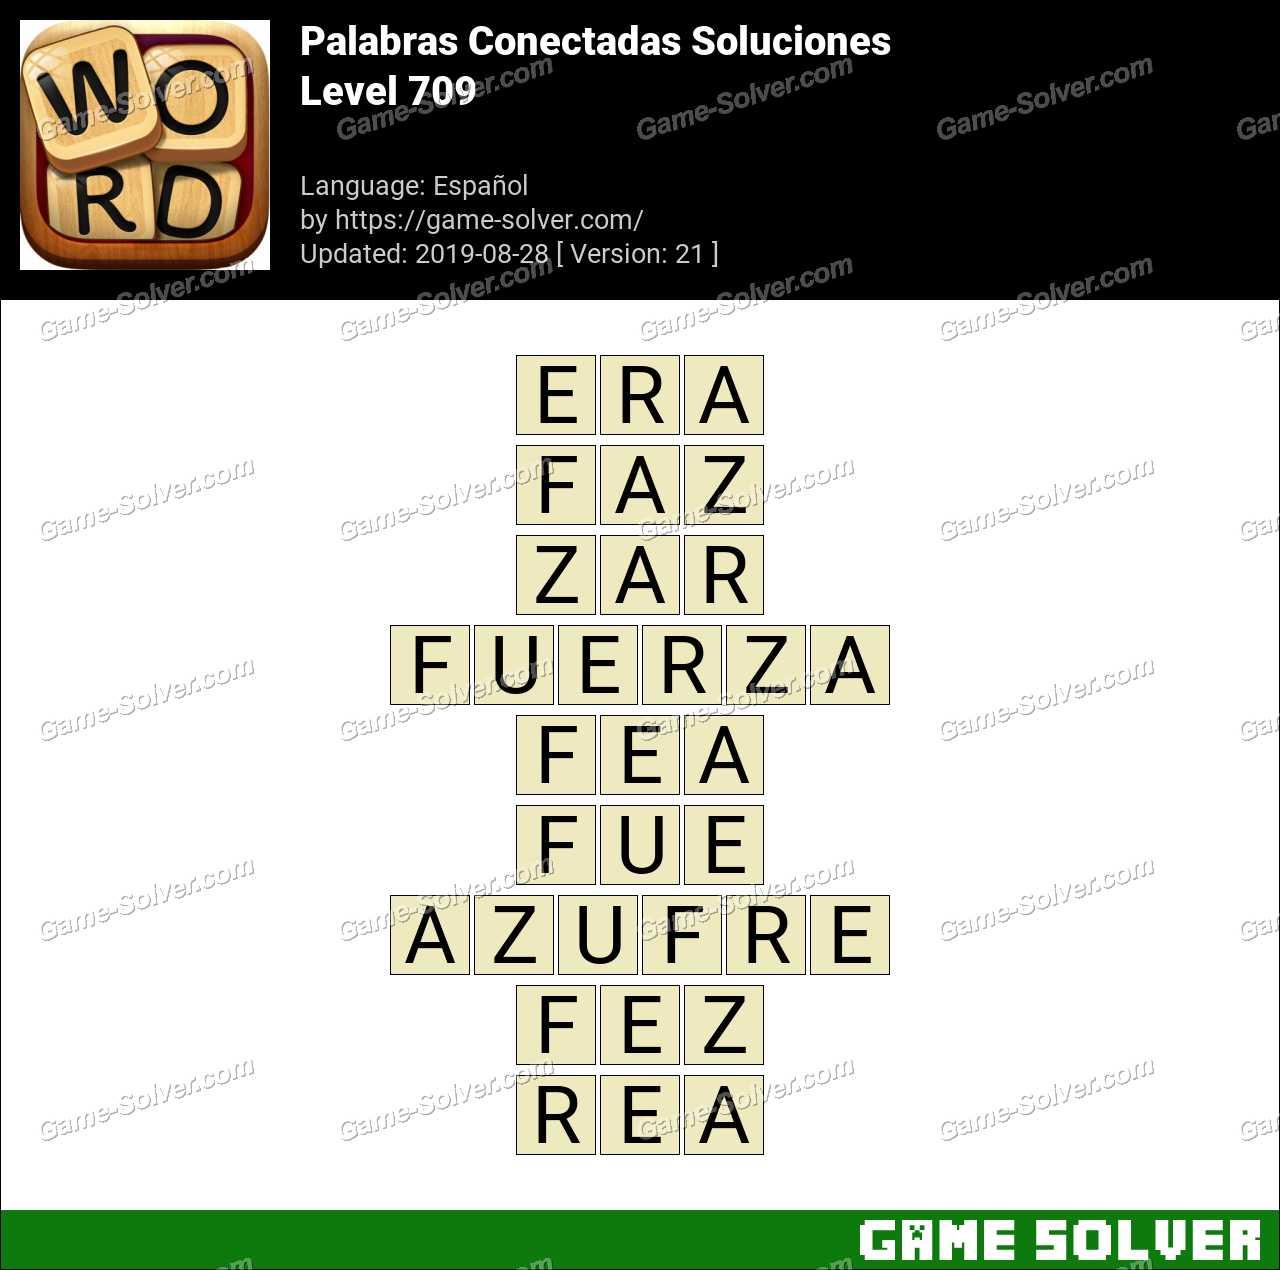 Palabras Conectadas Nivel 709 Soluciones